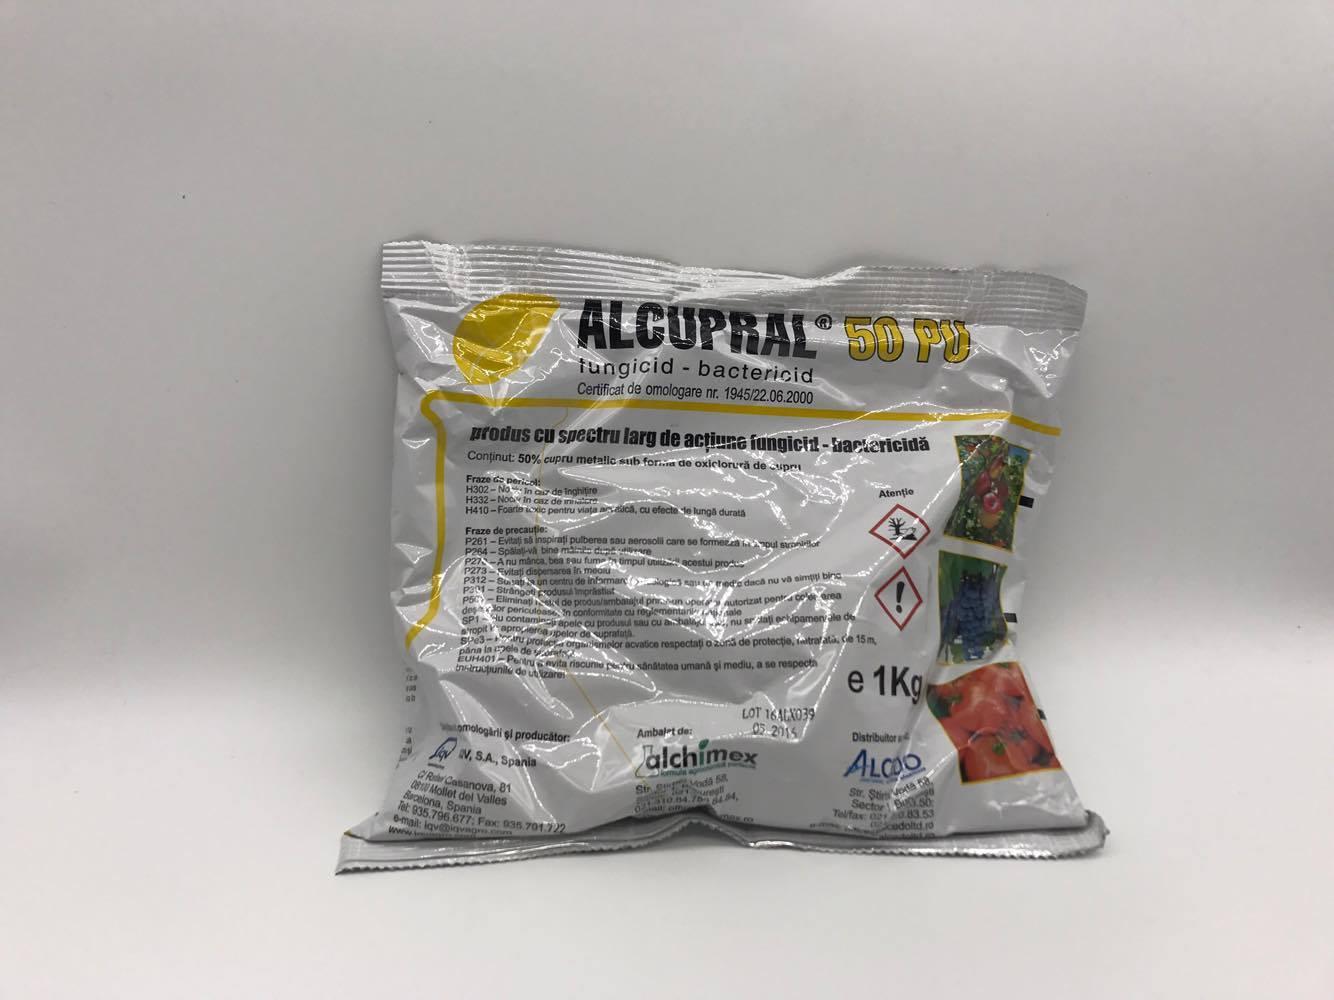 Fungicid Alcupral 50 PU (1kg)